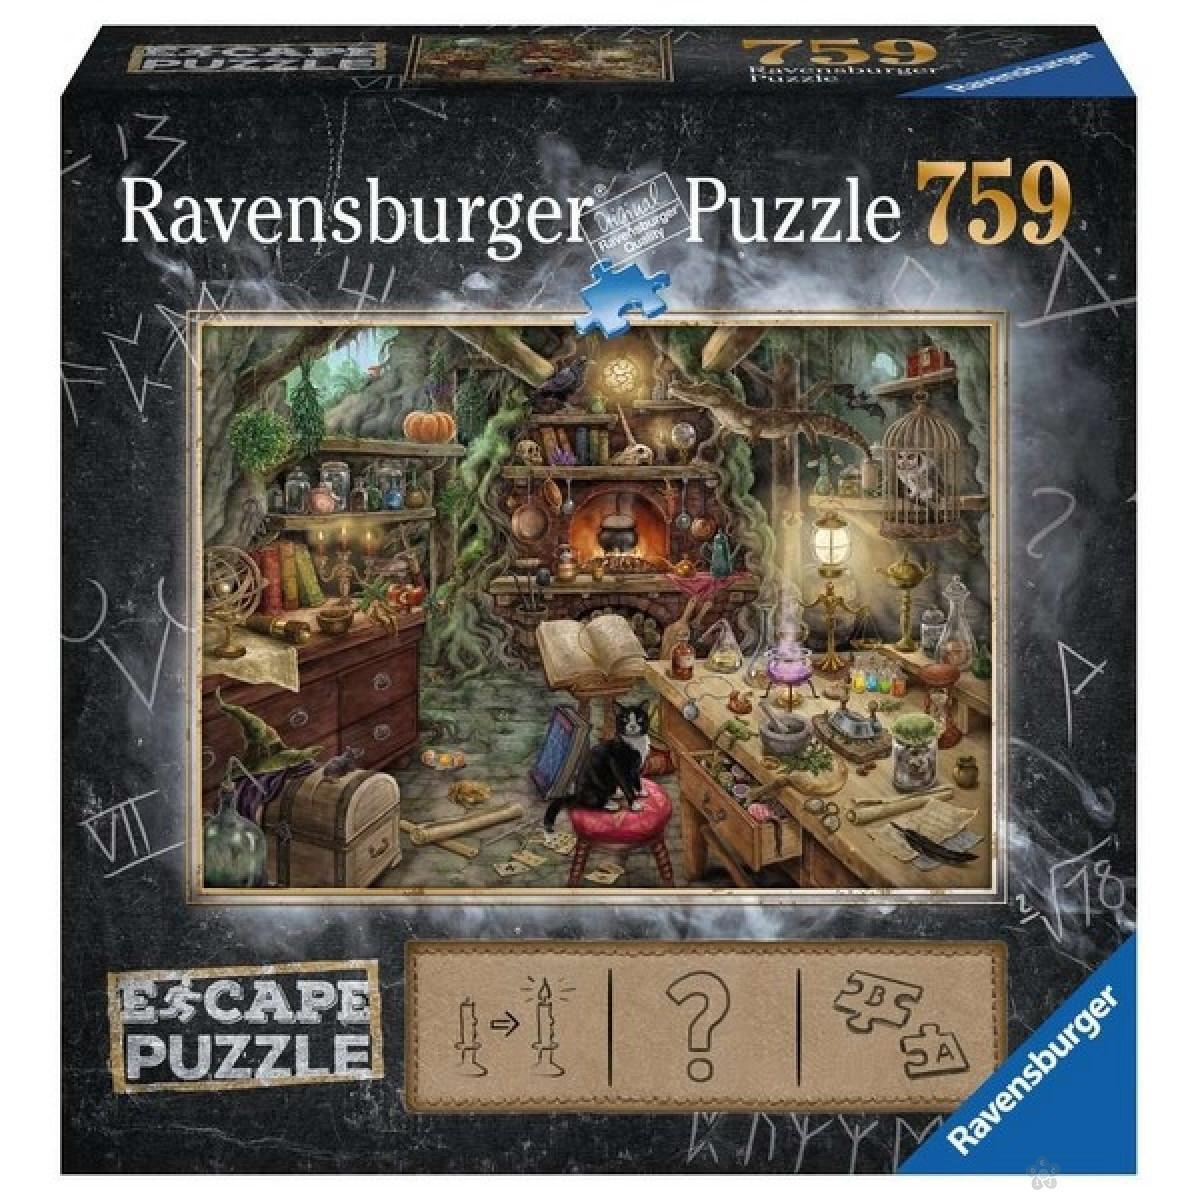 Ravensburger puzzle (slagalice) - Veštičiji dom 759 delova